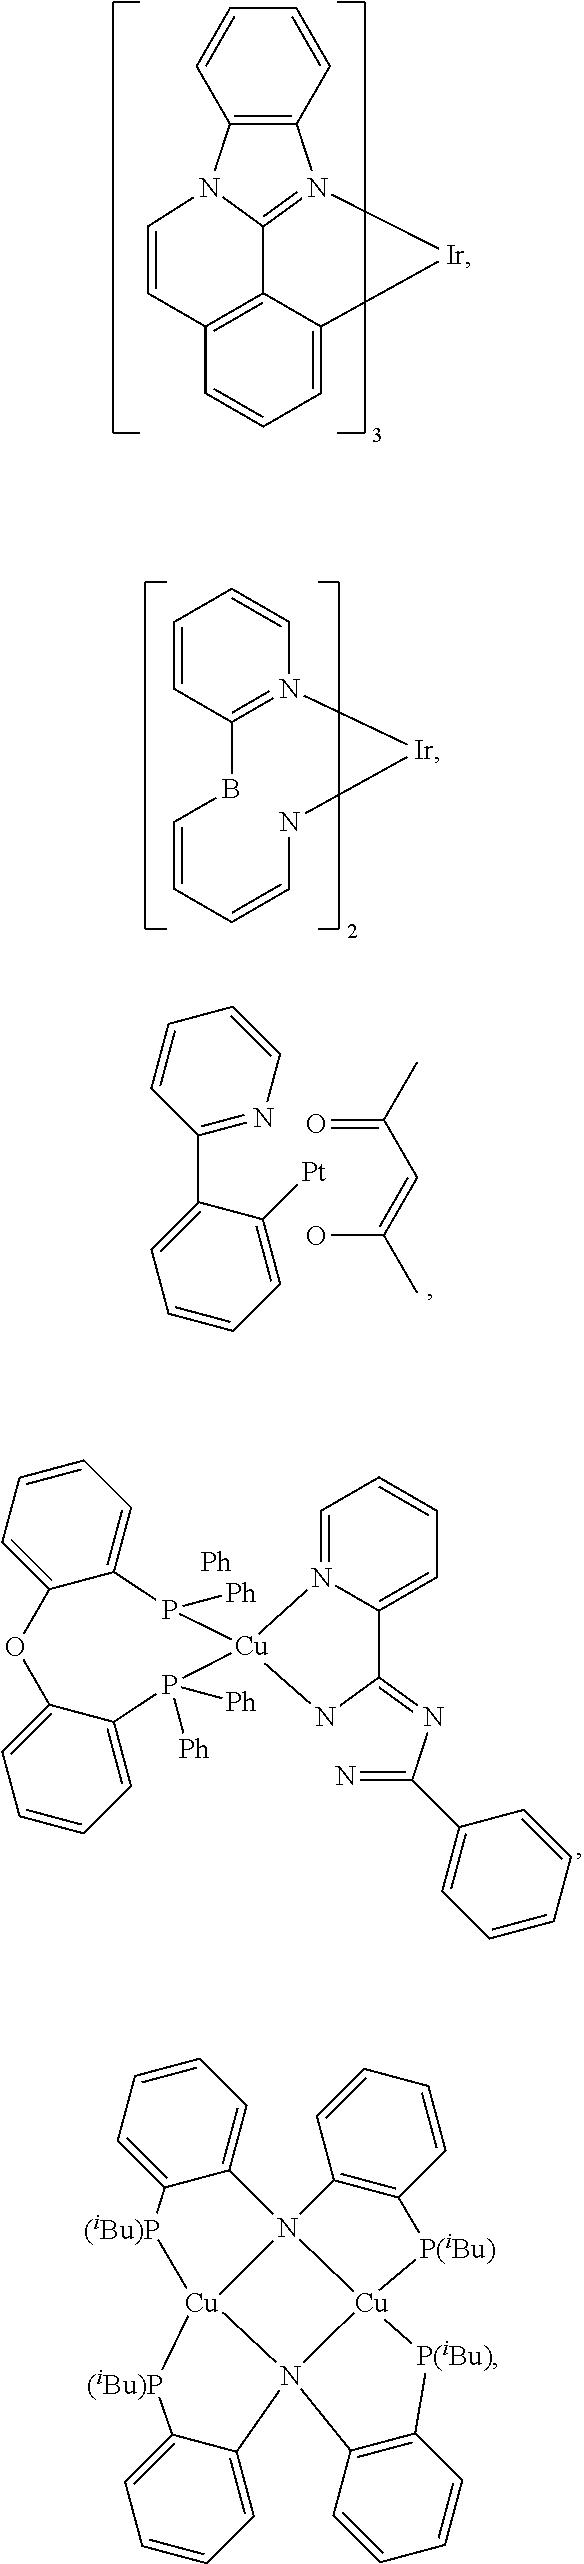 Figure US09859510-20180102-C00075